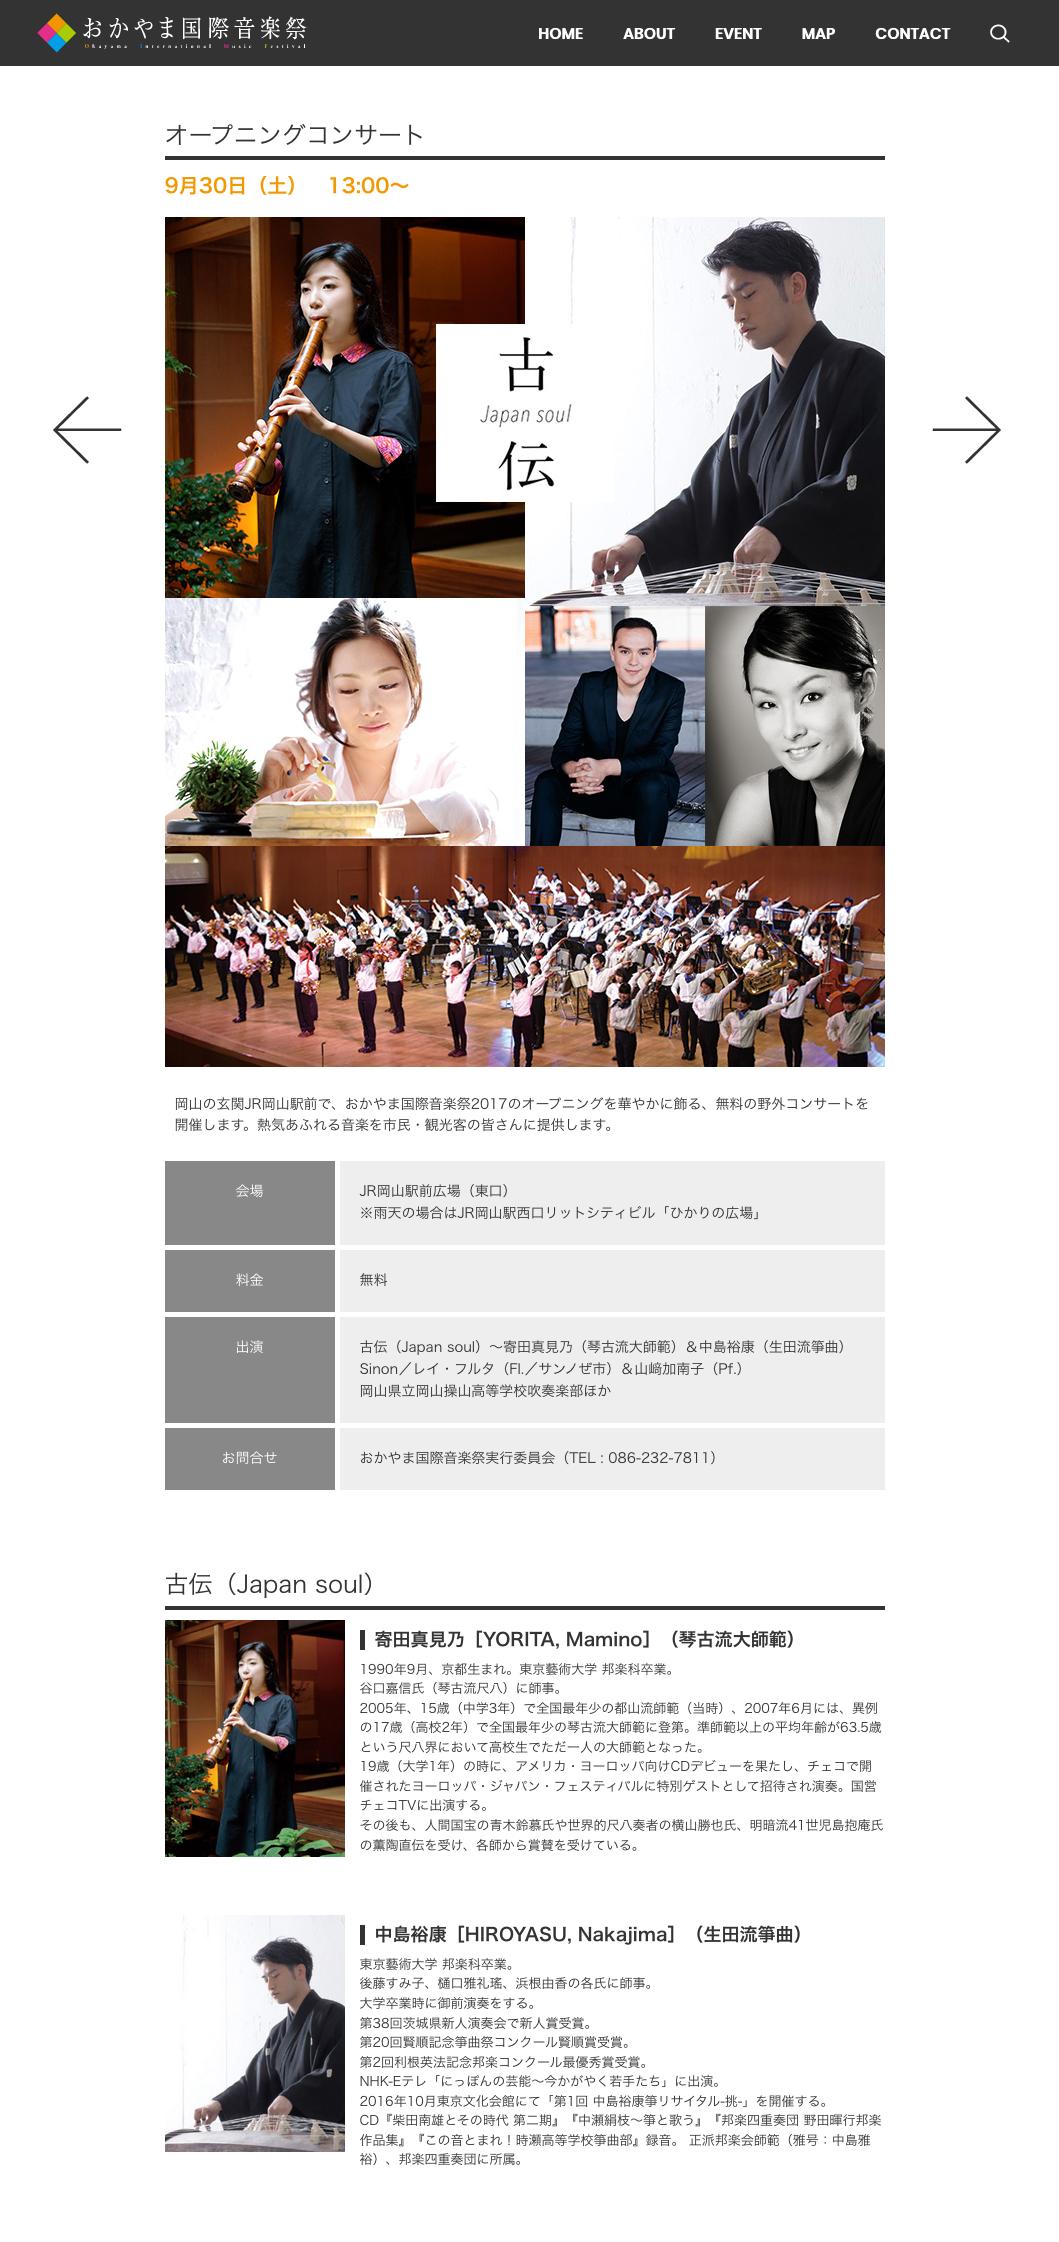 おかやま国際音楽祭2017